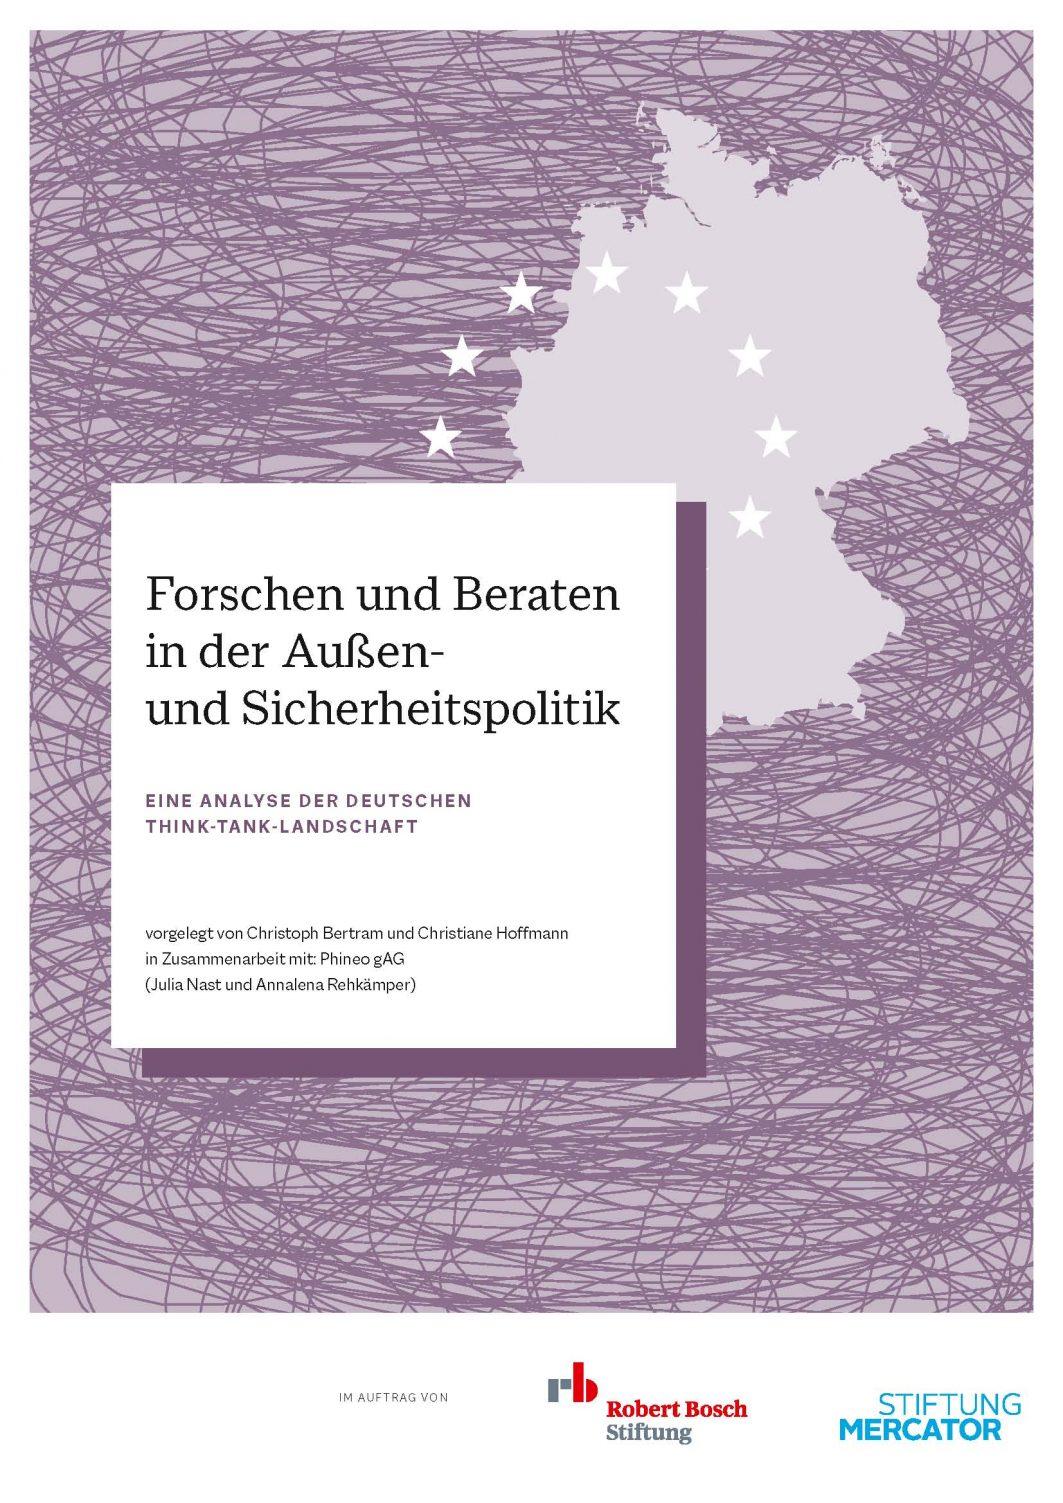 Poster Forschen und Beraten in der Außen- und Sicherheitspolitik. Eine Analyse der deutschen Think-Tank-Landschaft